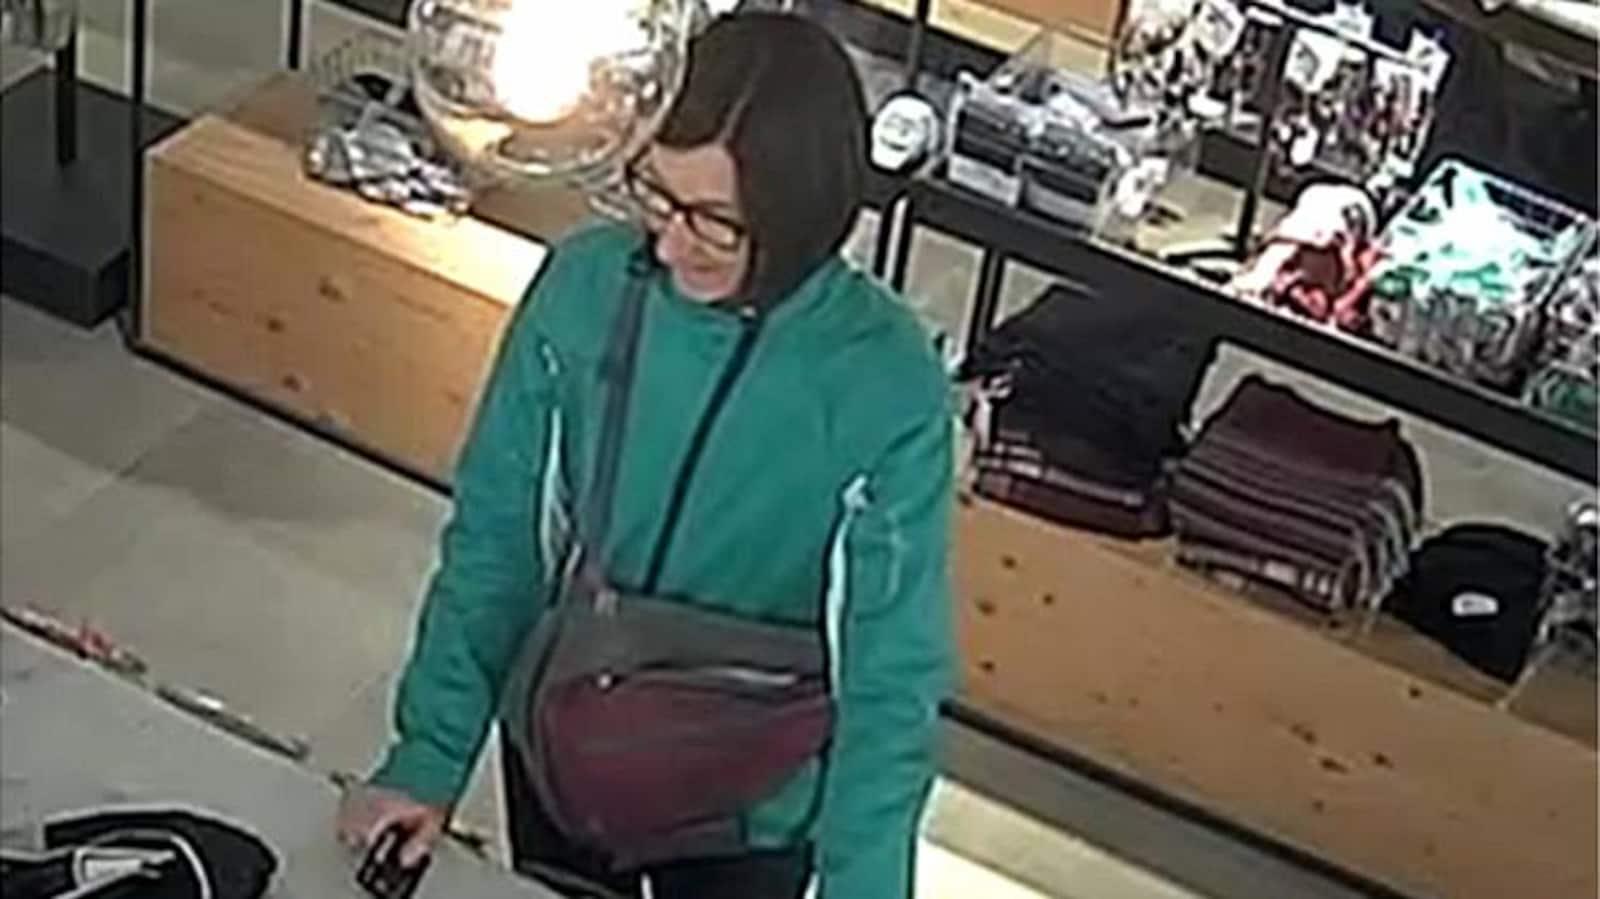 Image tirée d'une caméra de surveillance démontrant une femme devant un comptoir de magasin, prête à payer.